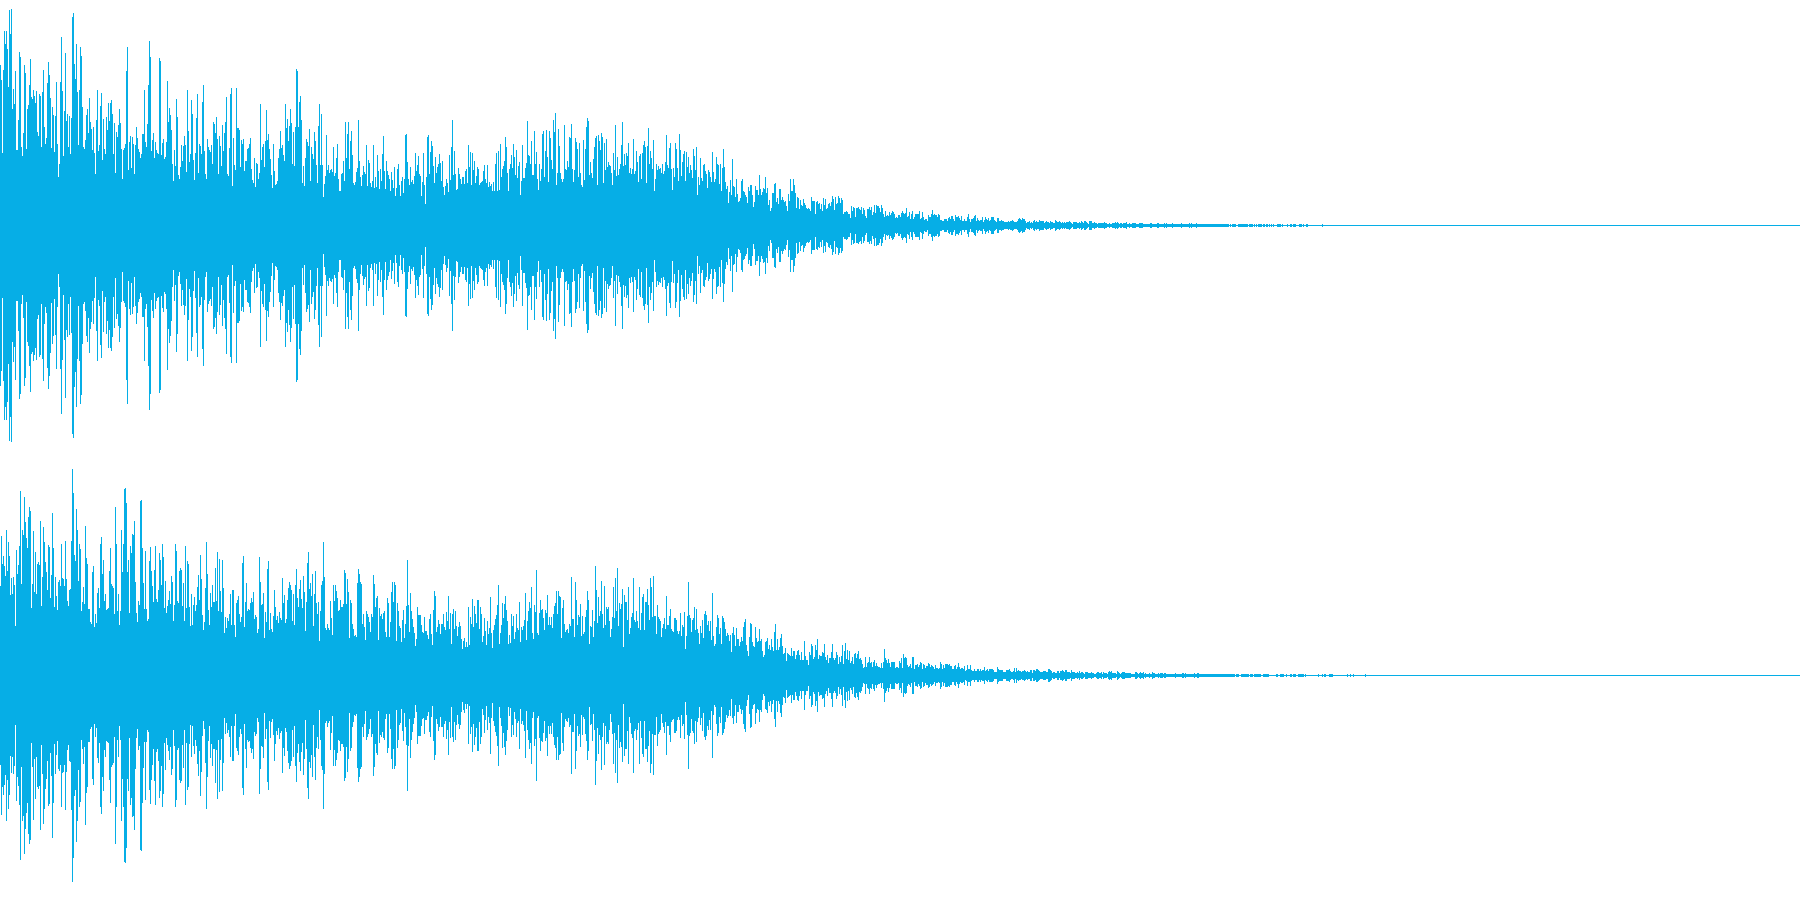 タイトルからのスタート音の再生済みの波形